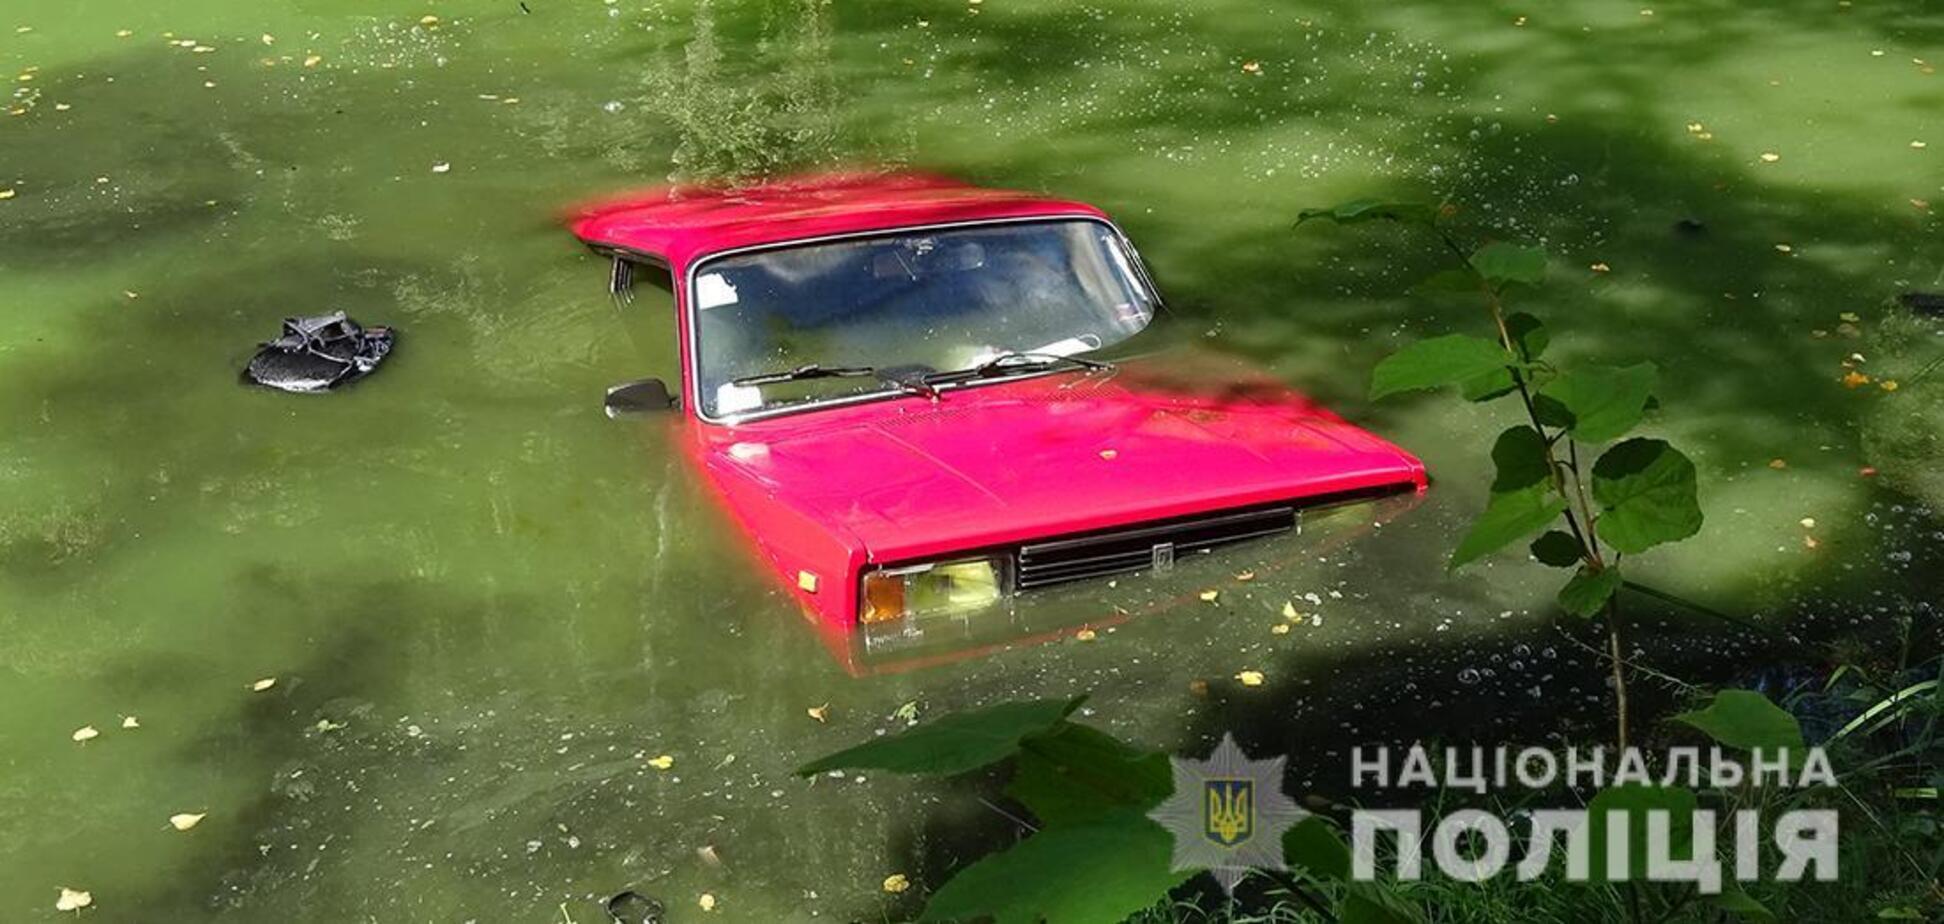 Під Житомиром у втопленому автомобілі виявили тіло чоловіка